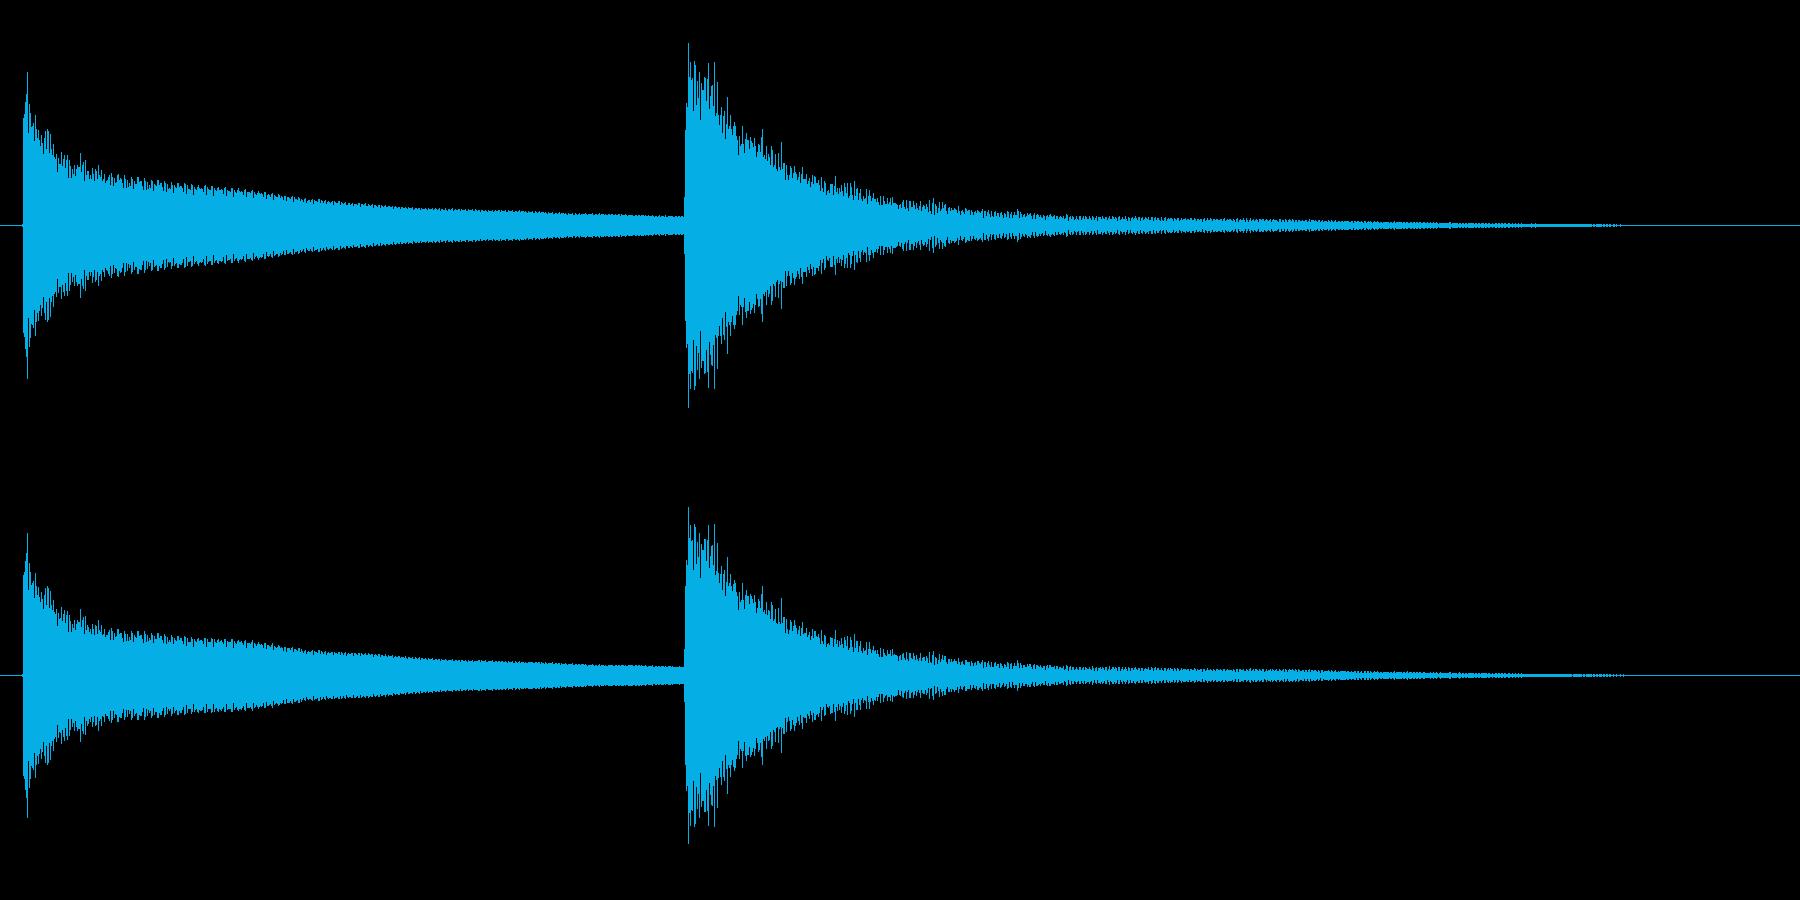 キンコンという高い金属音の再生済みの波形